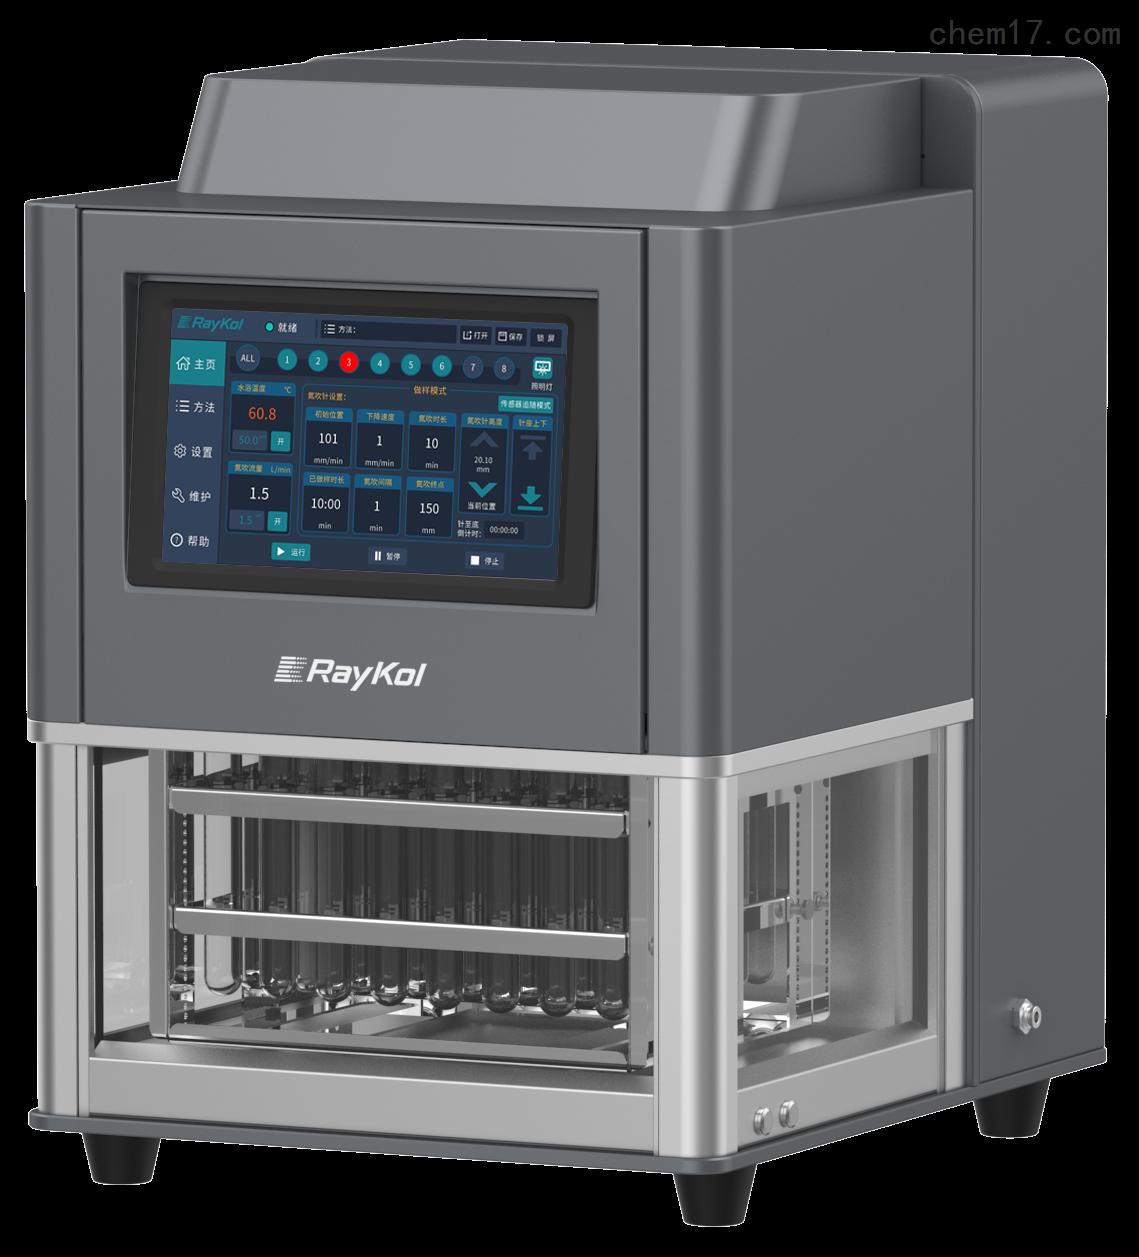 睿科Auto EVA 80高通量全自动平行浓缩仪